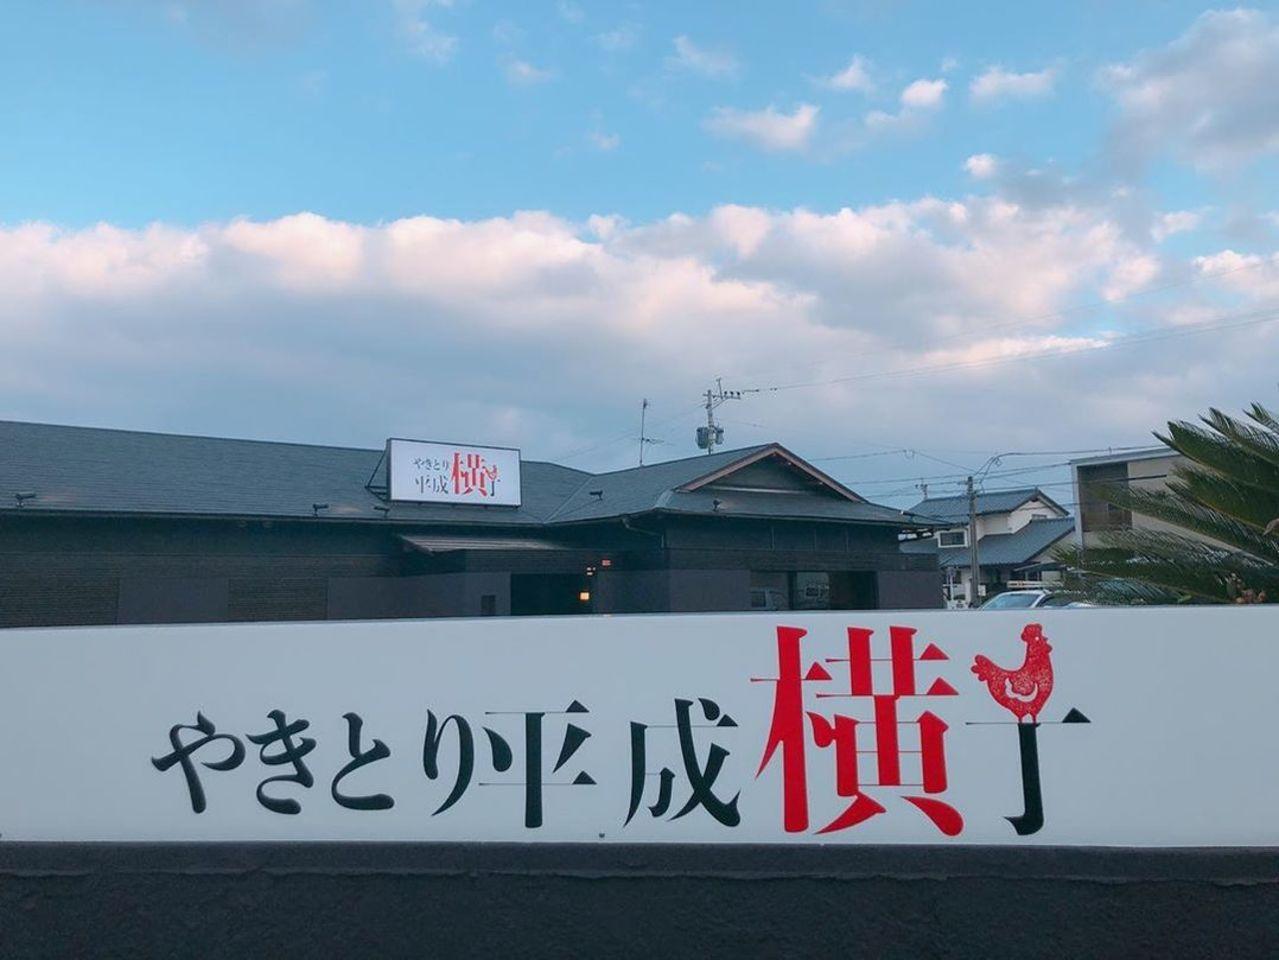 熊本県熊本市南区馬渡2丁目に焼き鳥×洋食のお店「やきとり平成横丁」が昨日オープンされたようです。